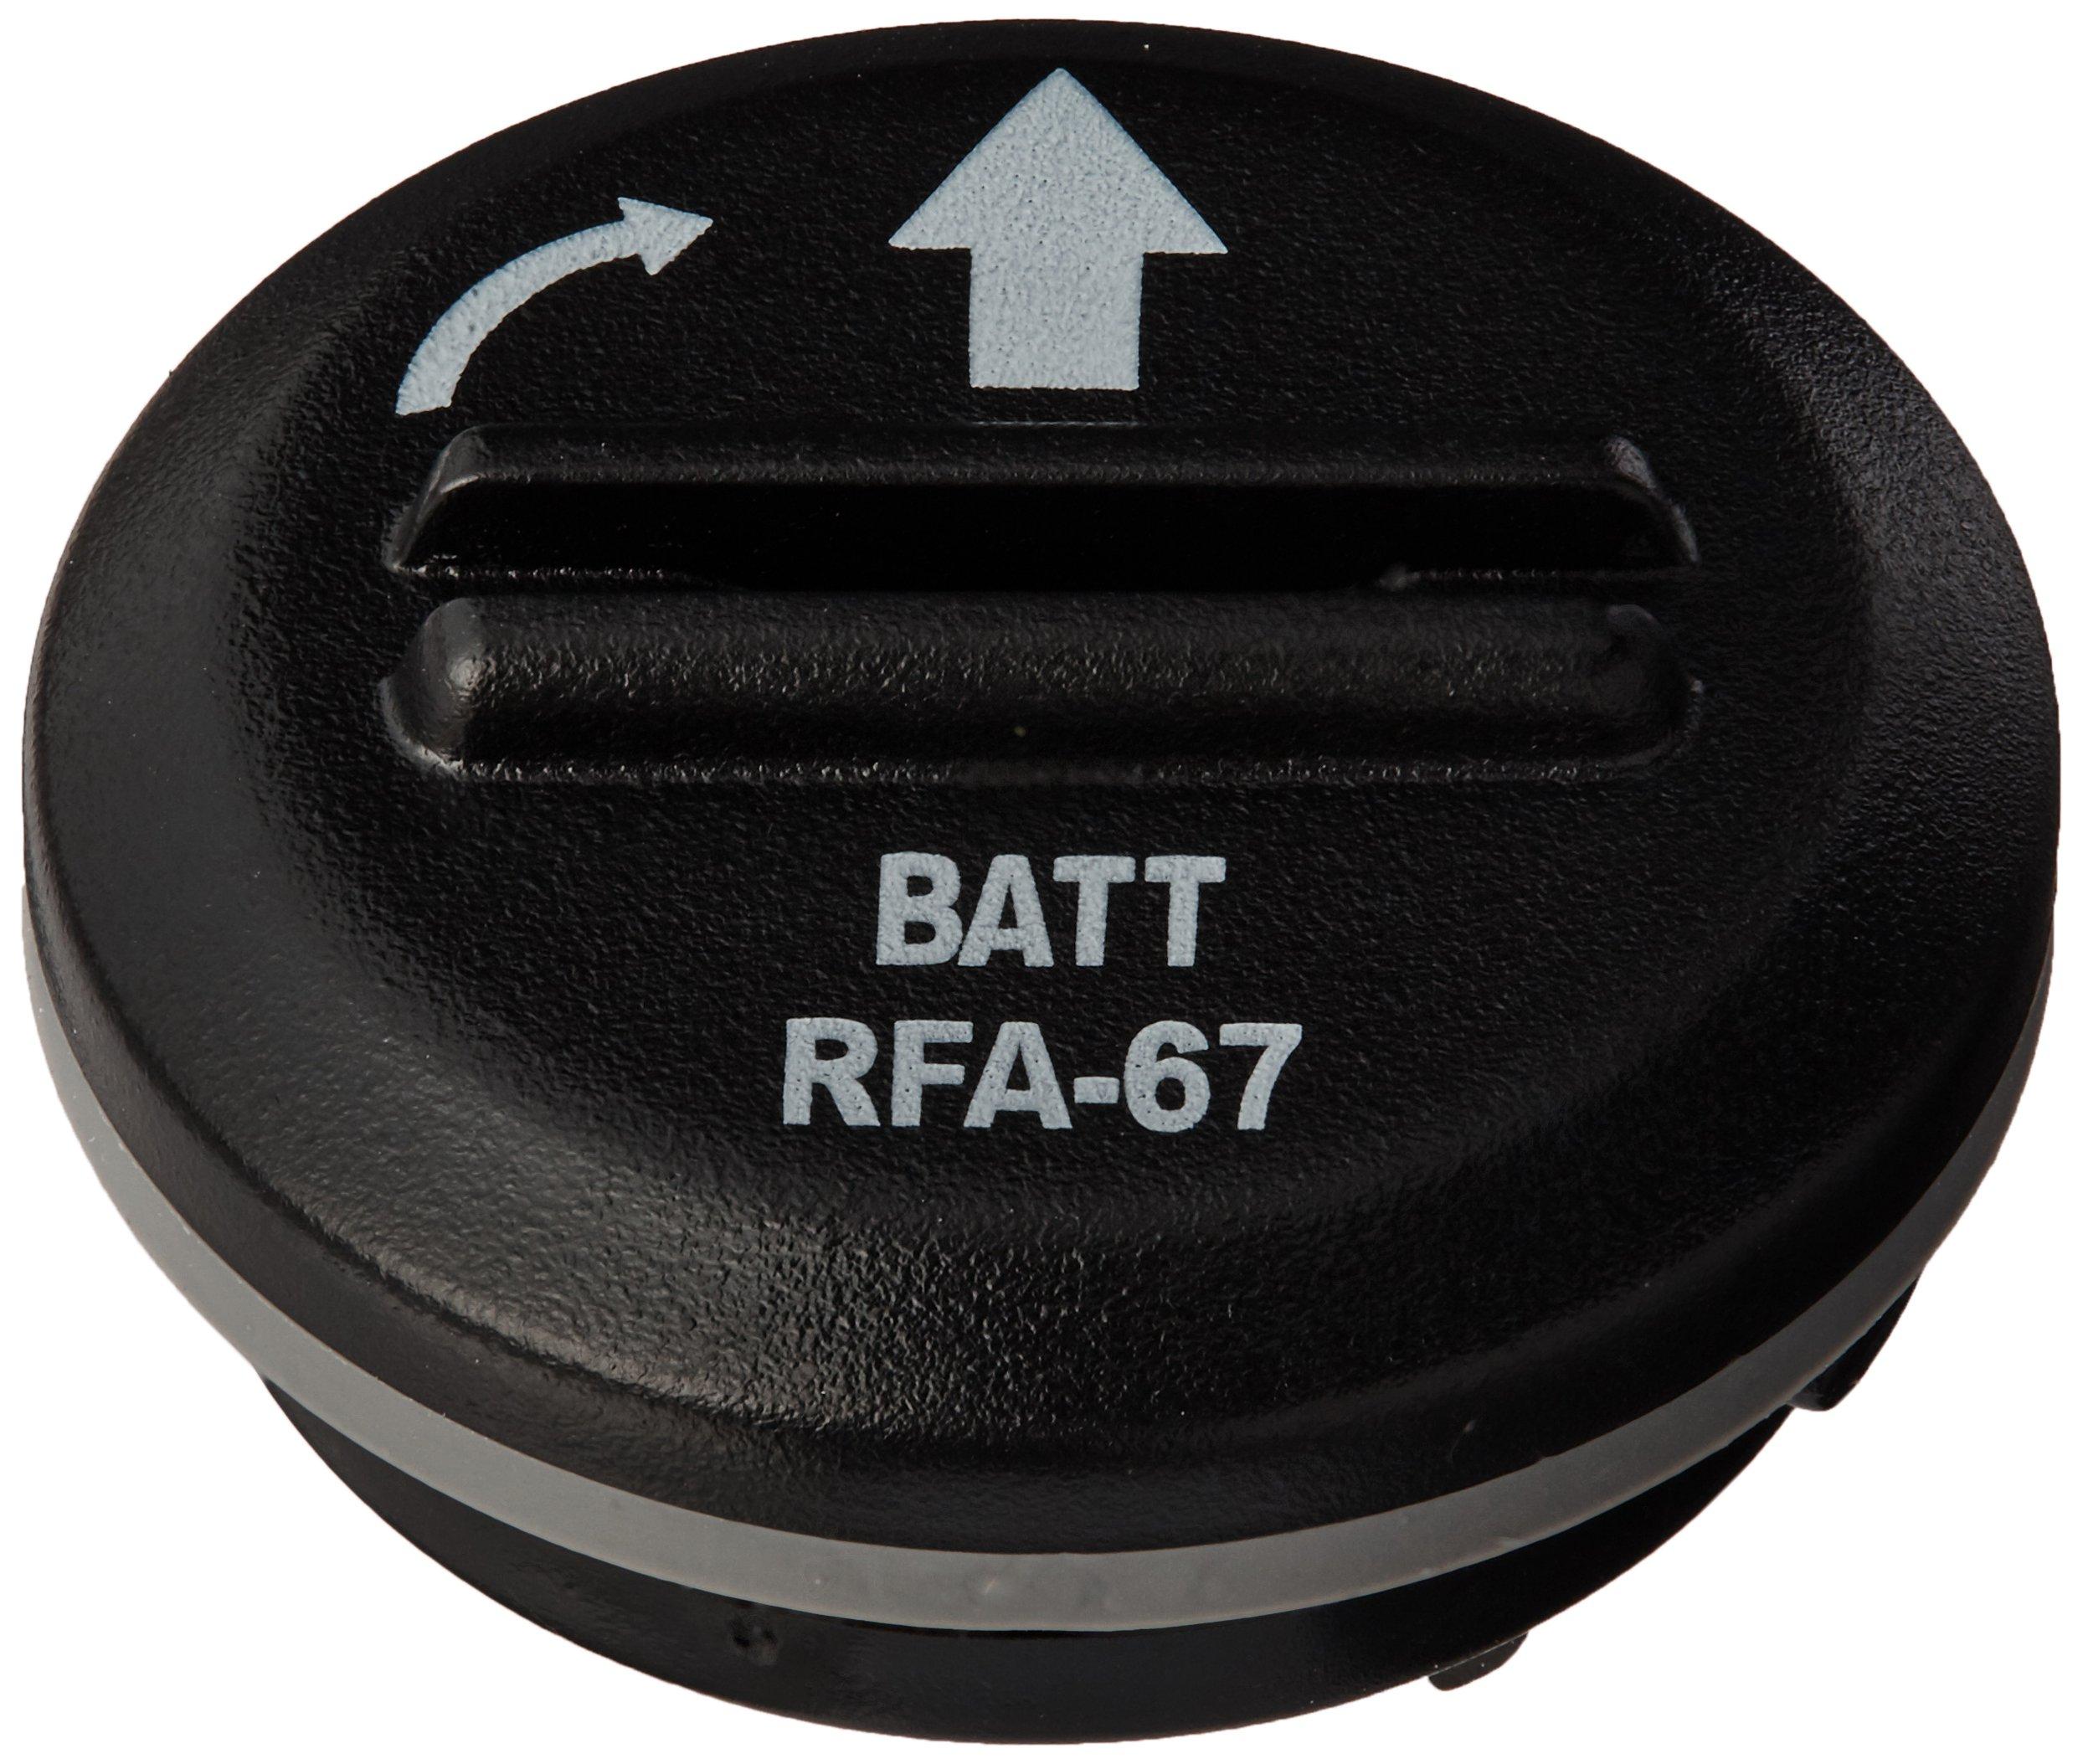 PetSafe - Lot de 2 Piles RFA67D-1 Compatible Collier de Dressage, Anti-Aboiements et Anti-Fugue pour Chien